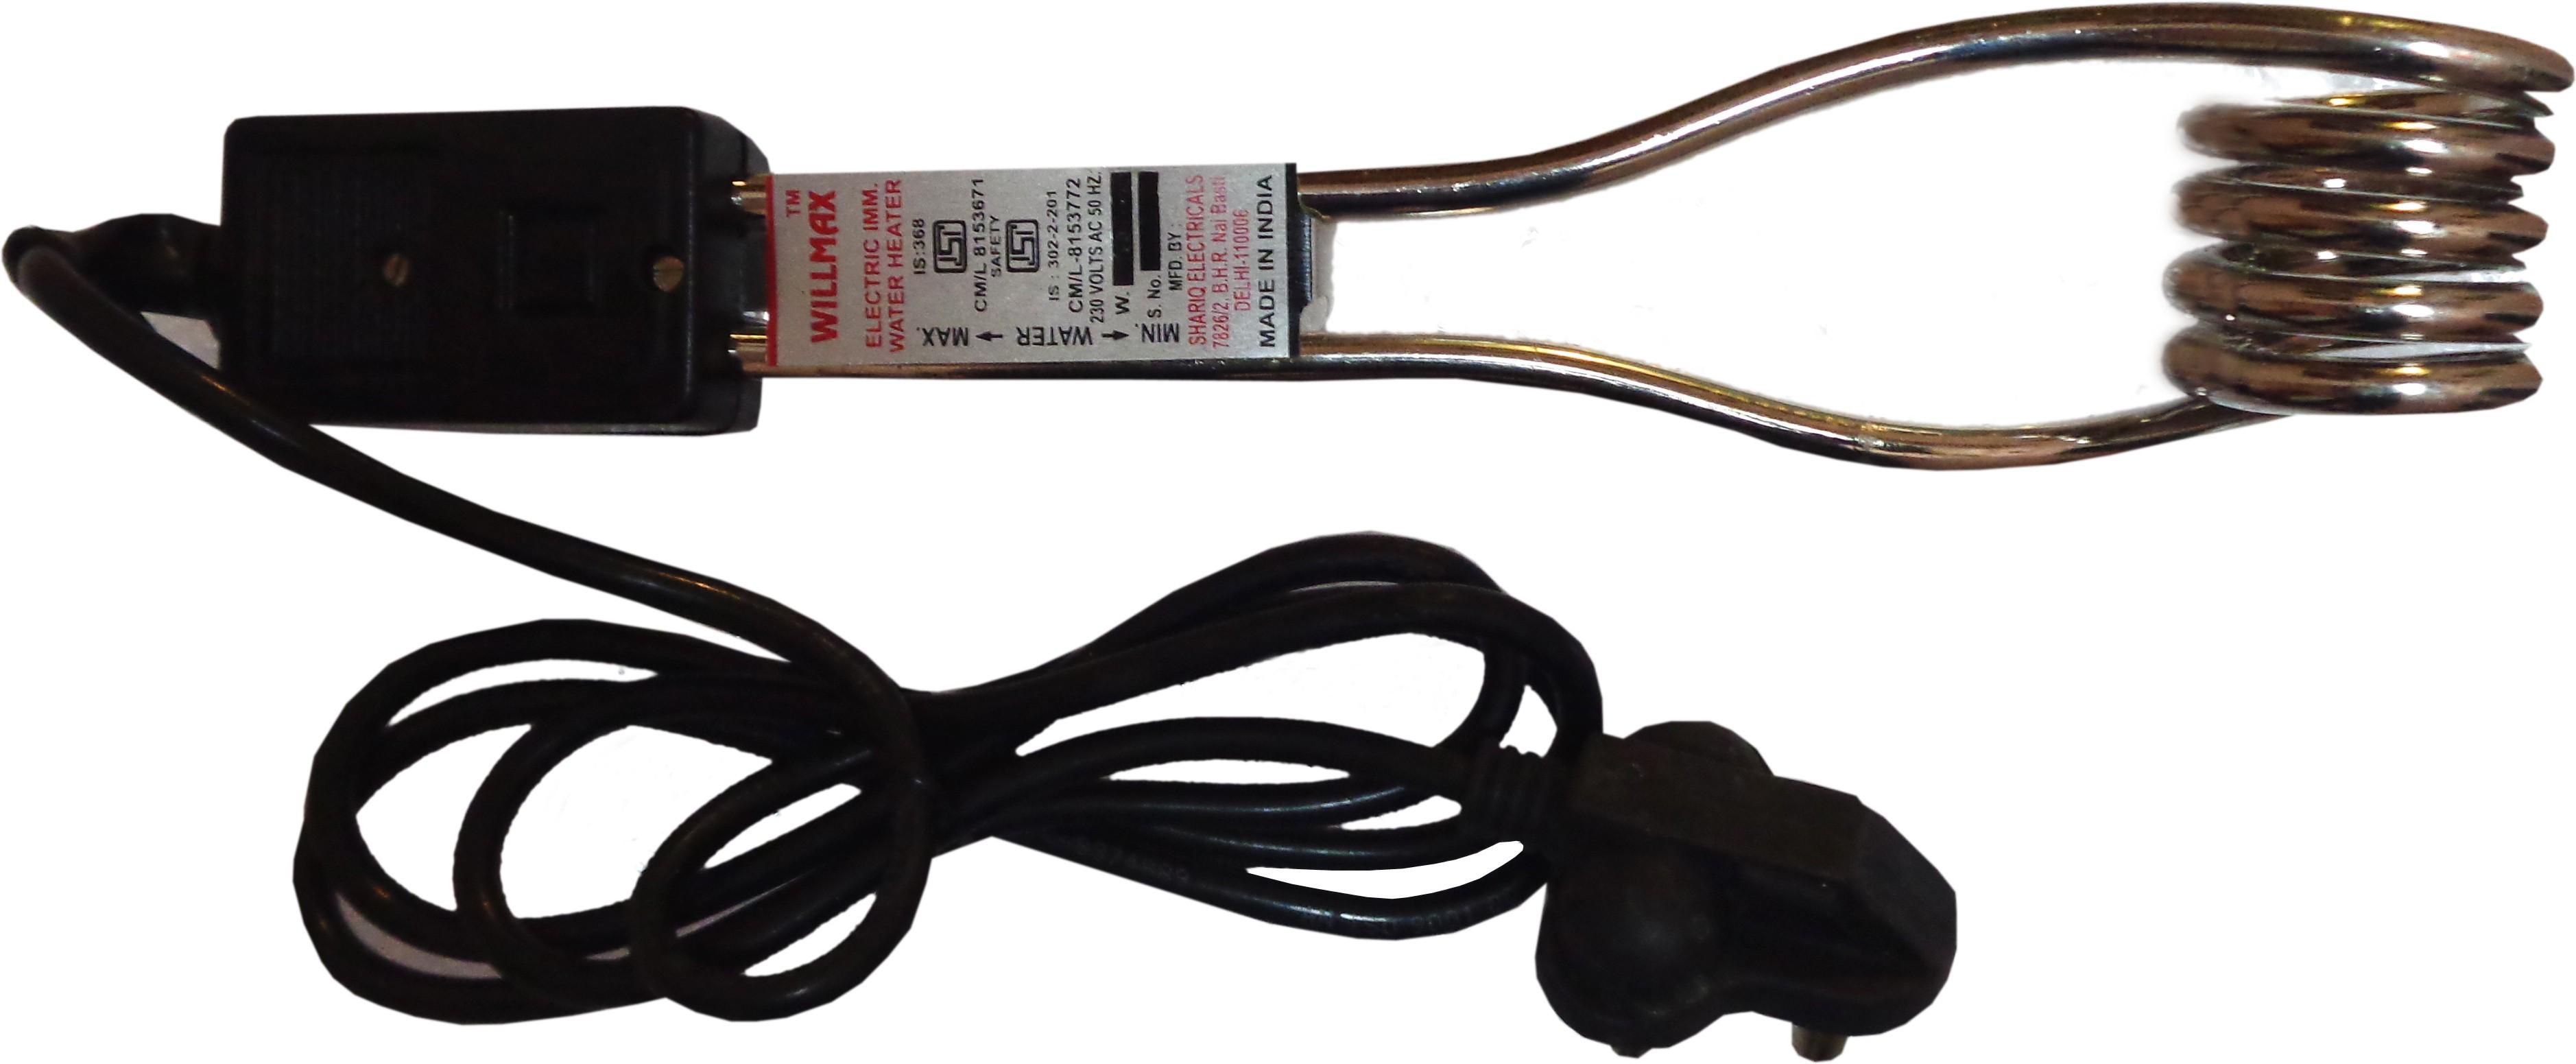 gaze me gzm02 1500 W Immersion Heater Rod(WATTER)